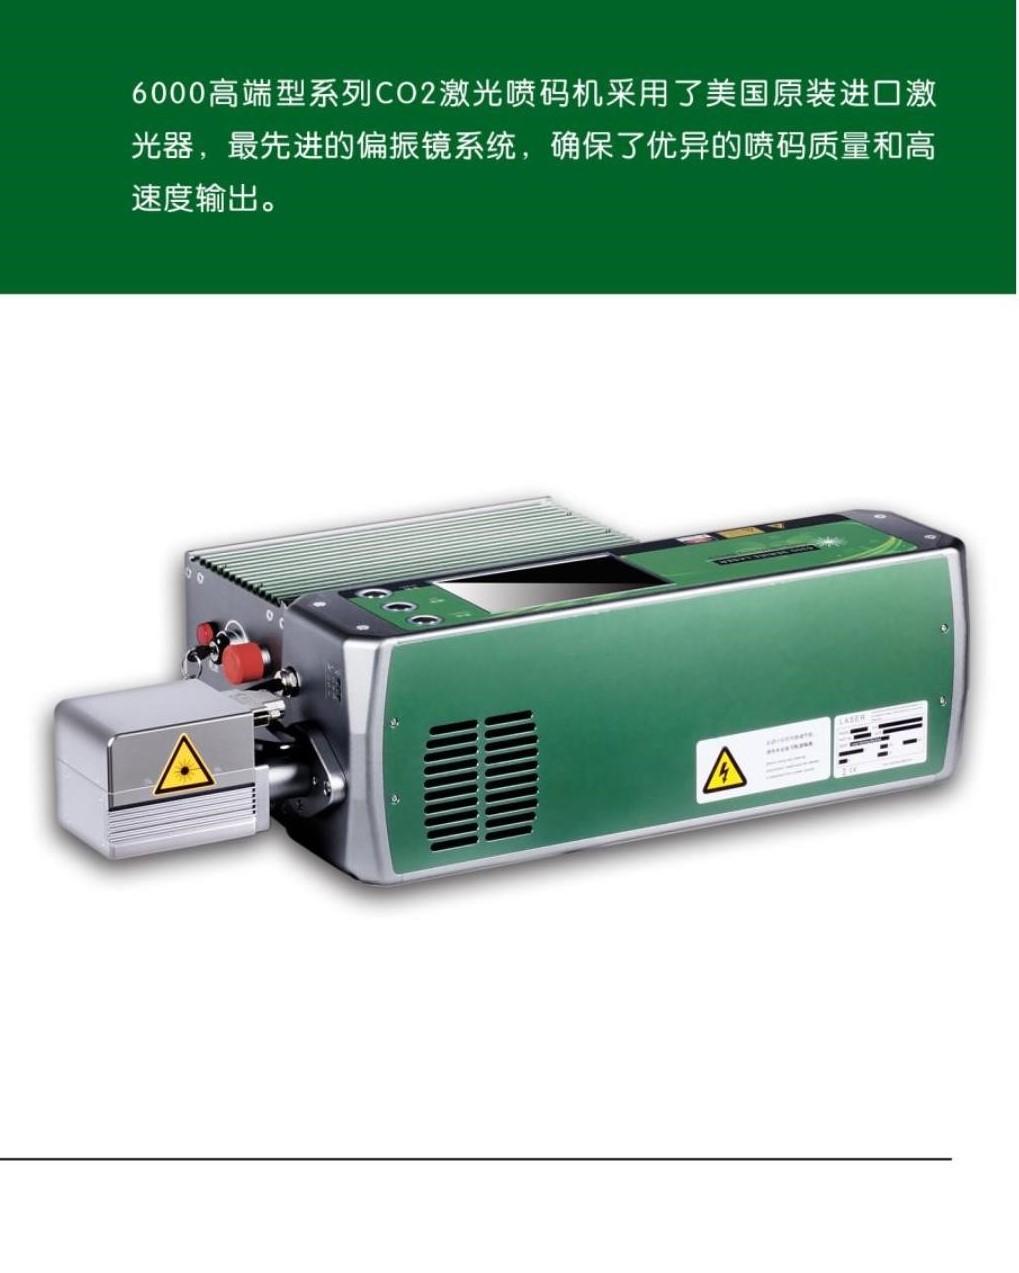 MANGO 6000系列二氧化碳激光机